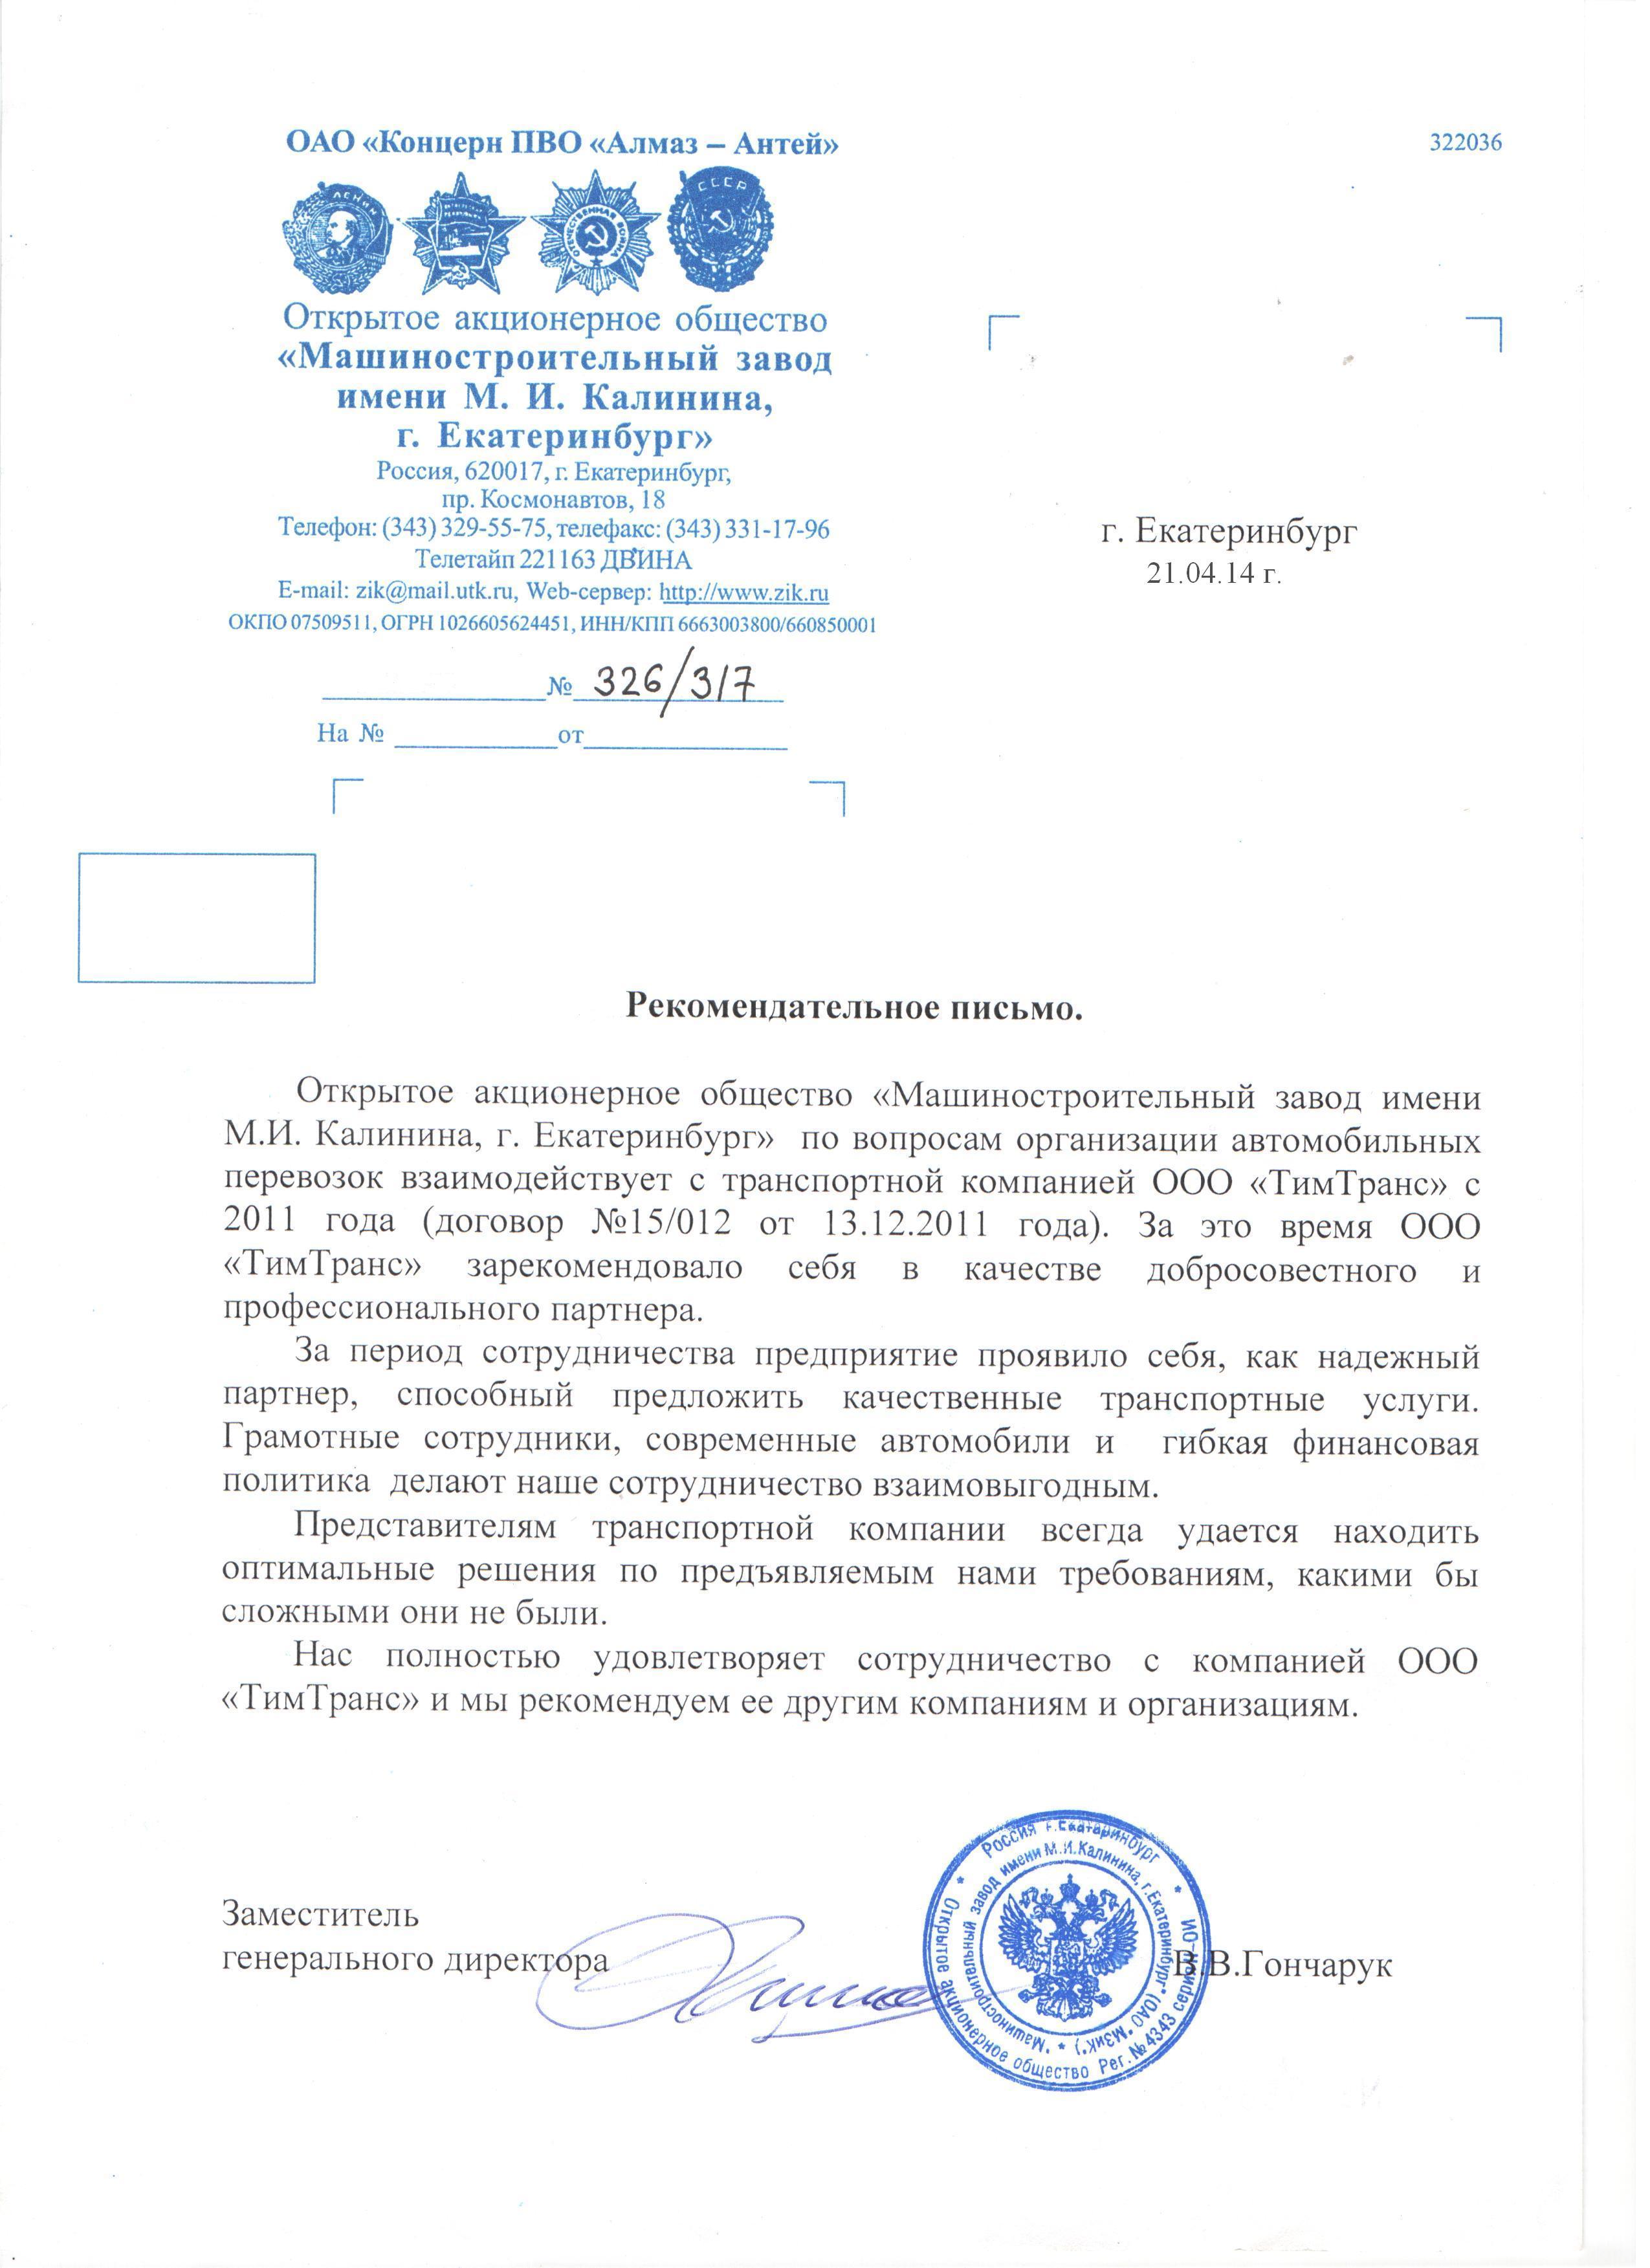 ishu-transportnuyu-kompaniyu-dlya-sotrudnichestva-saratov